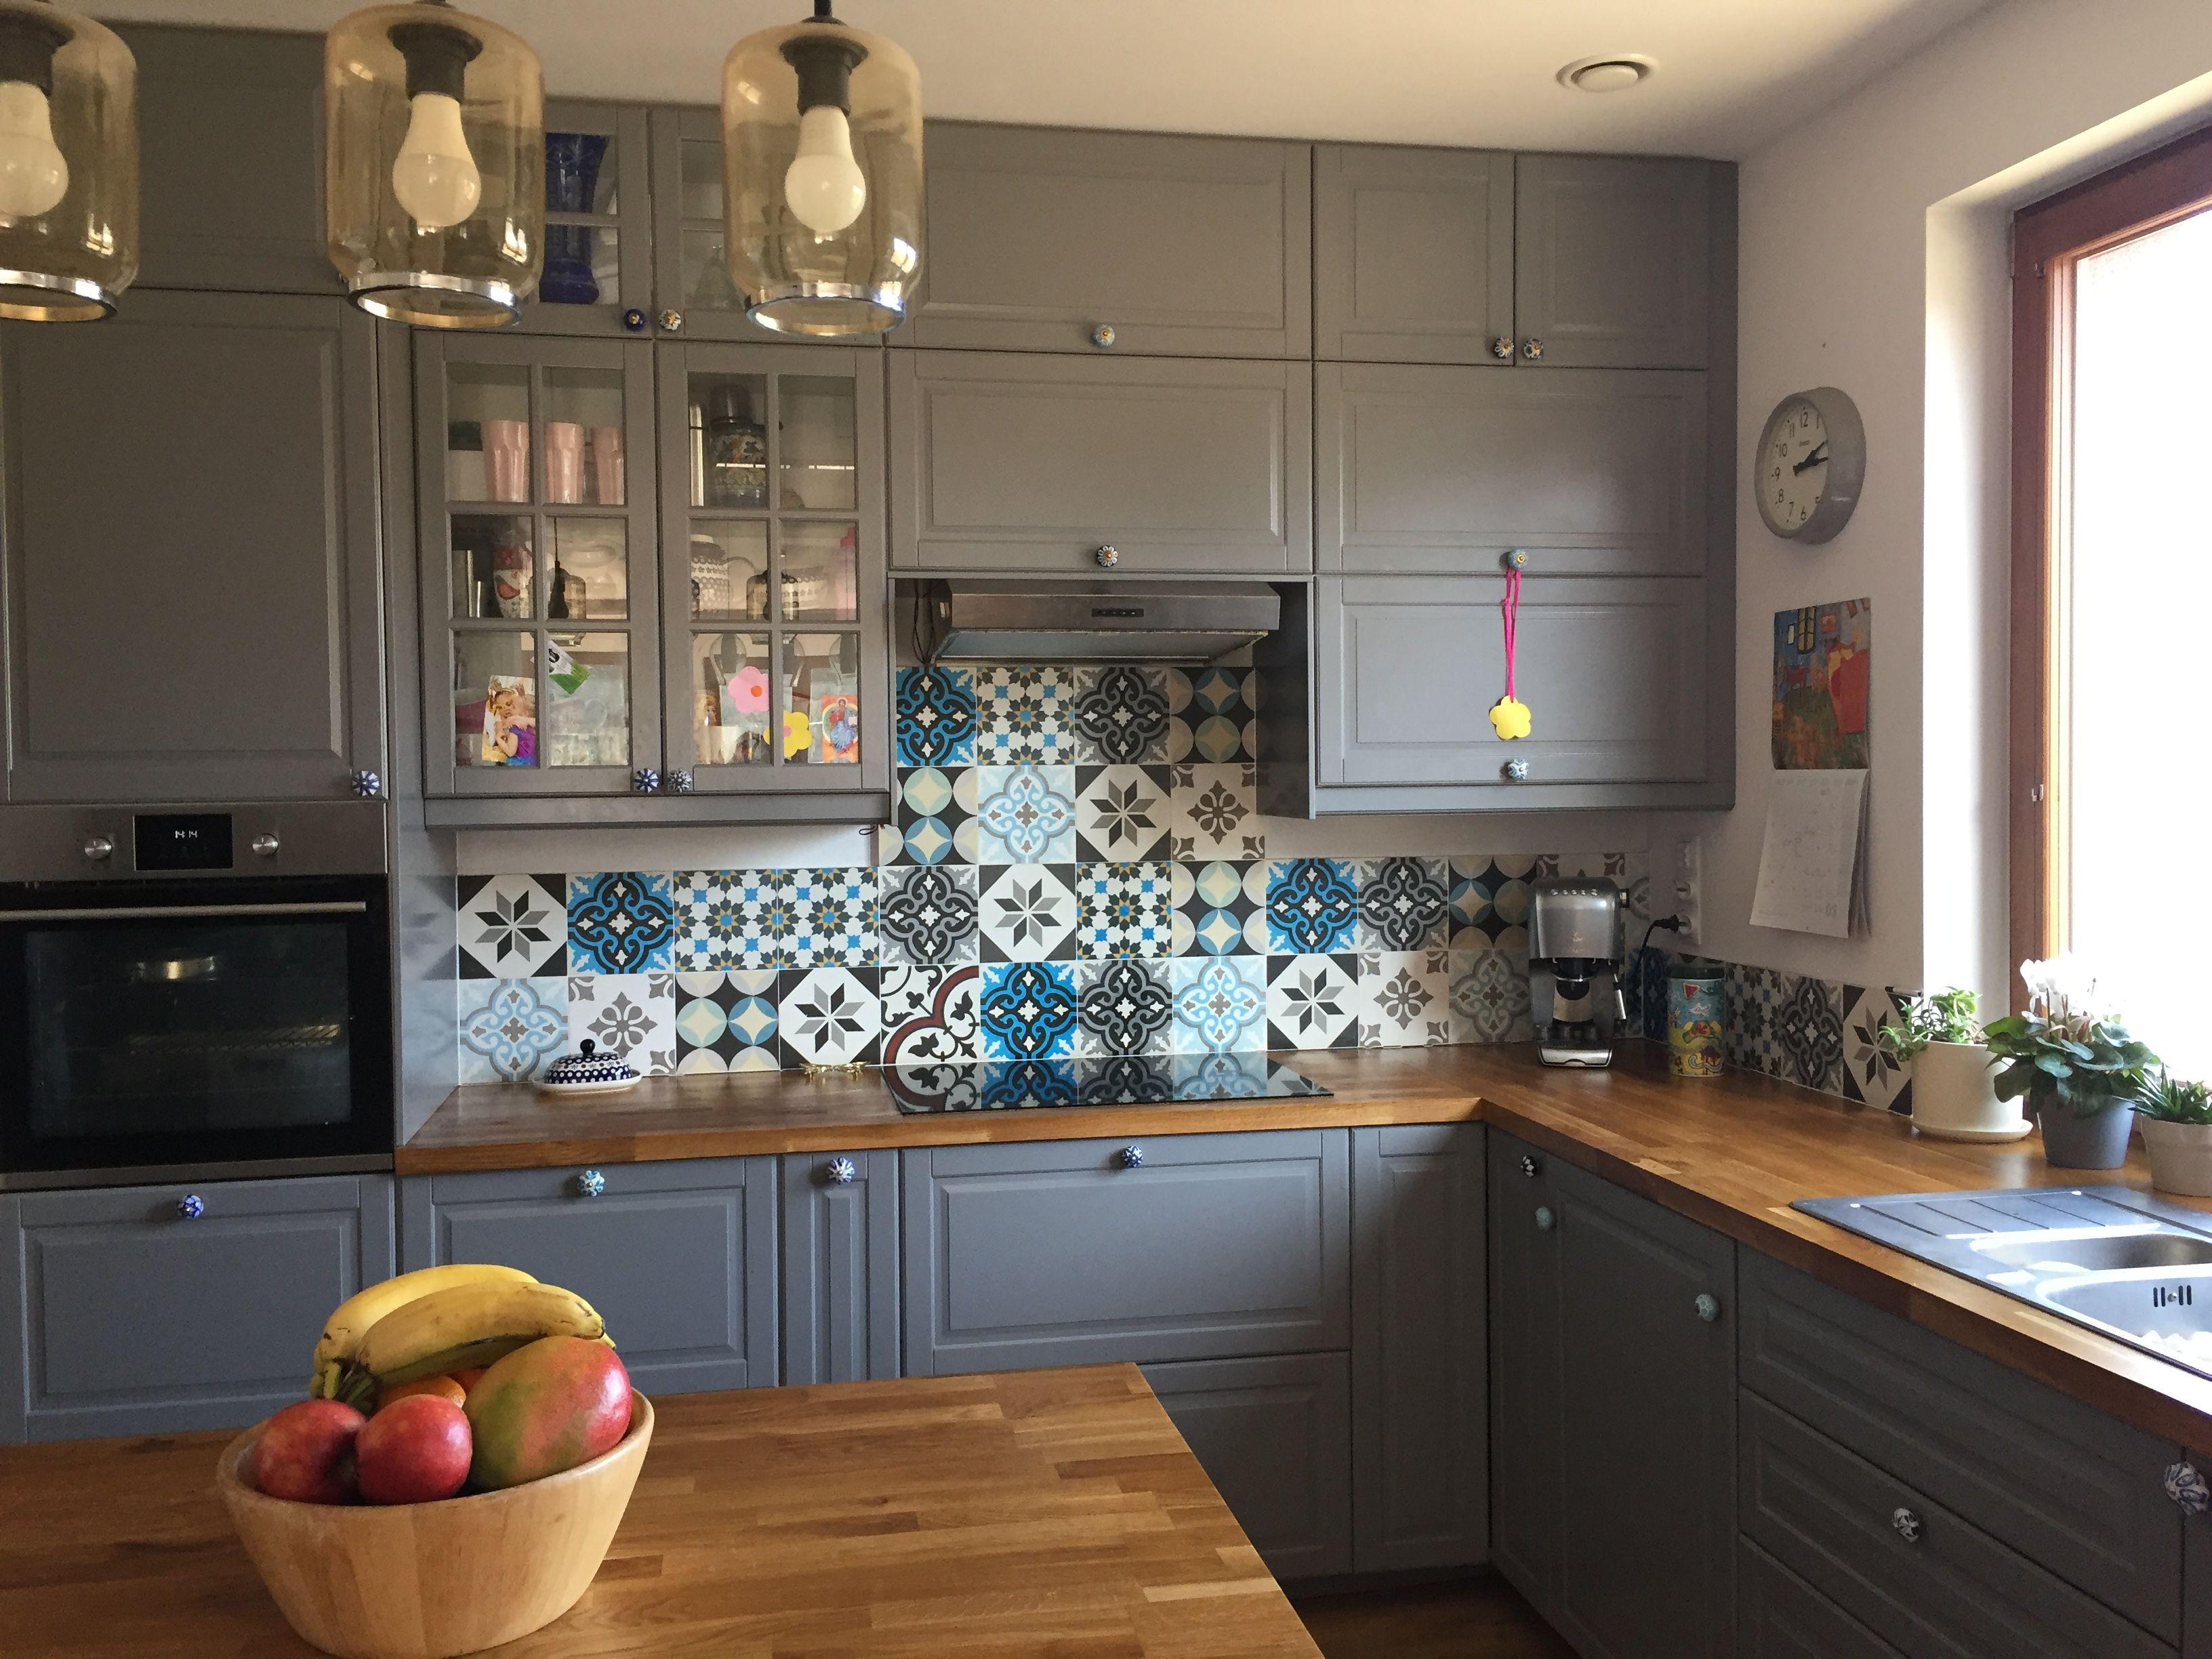 Patchwork Cementowy Nad Blatem W Kuchni Homedecor Plytki Patchworki Plytkicementowe Kuchnia Kitchen Wall Decor Kitchen Interior Interior Design Kitchen